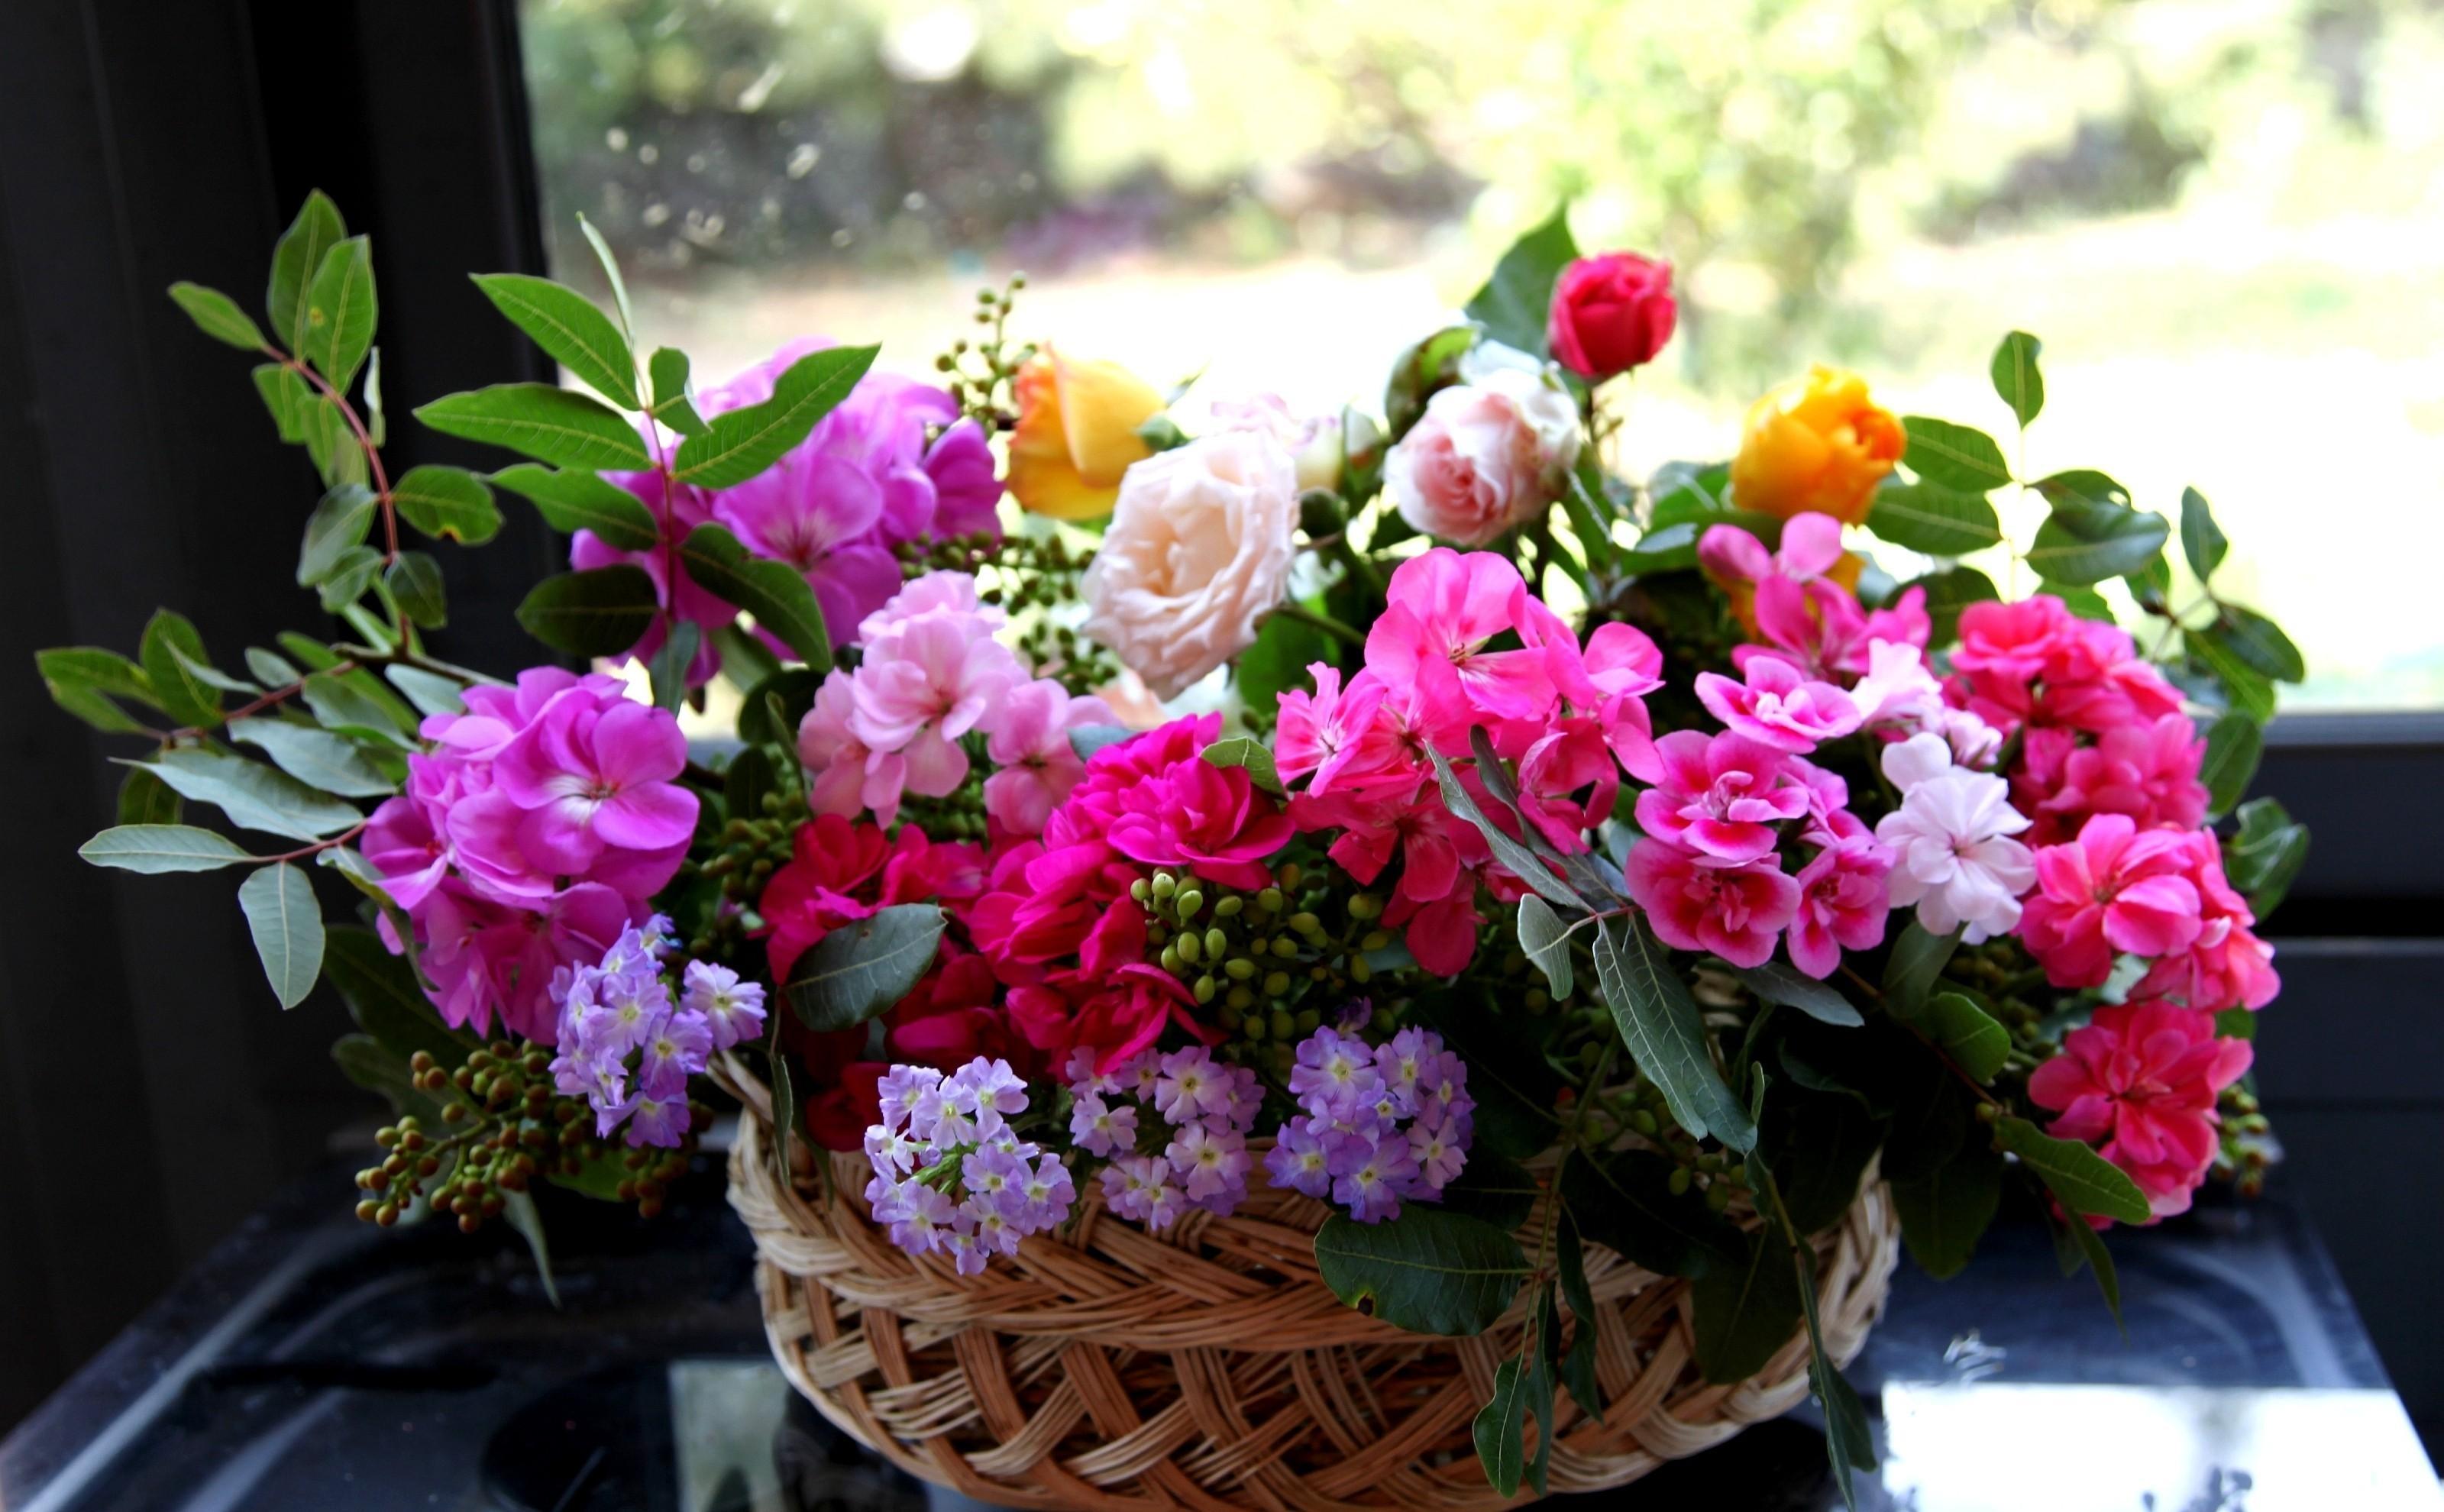 Цветов корзине, цветы день ночью купить харьков